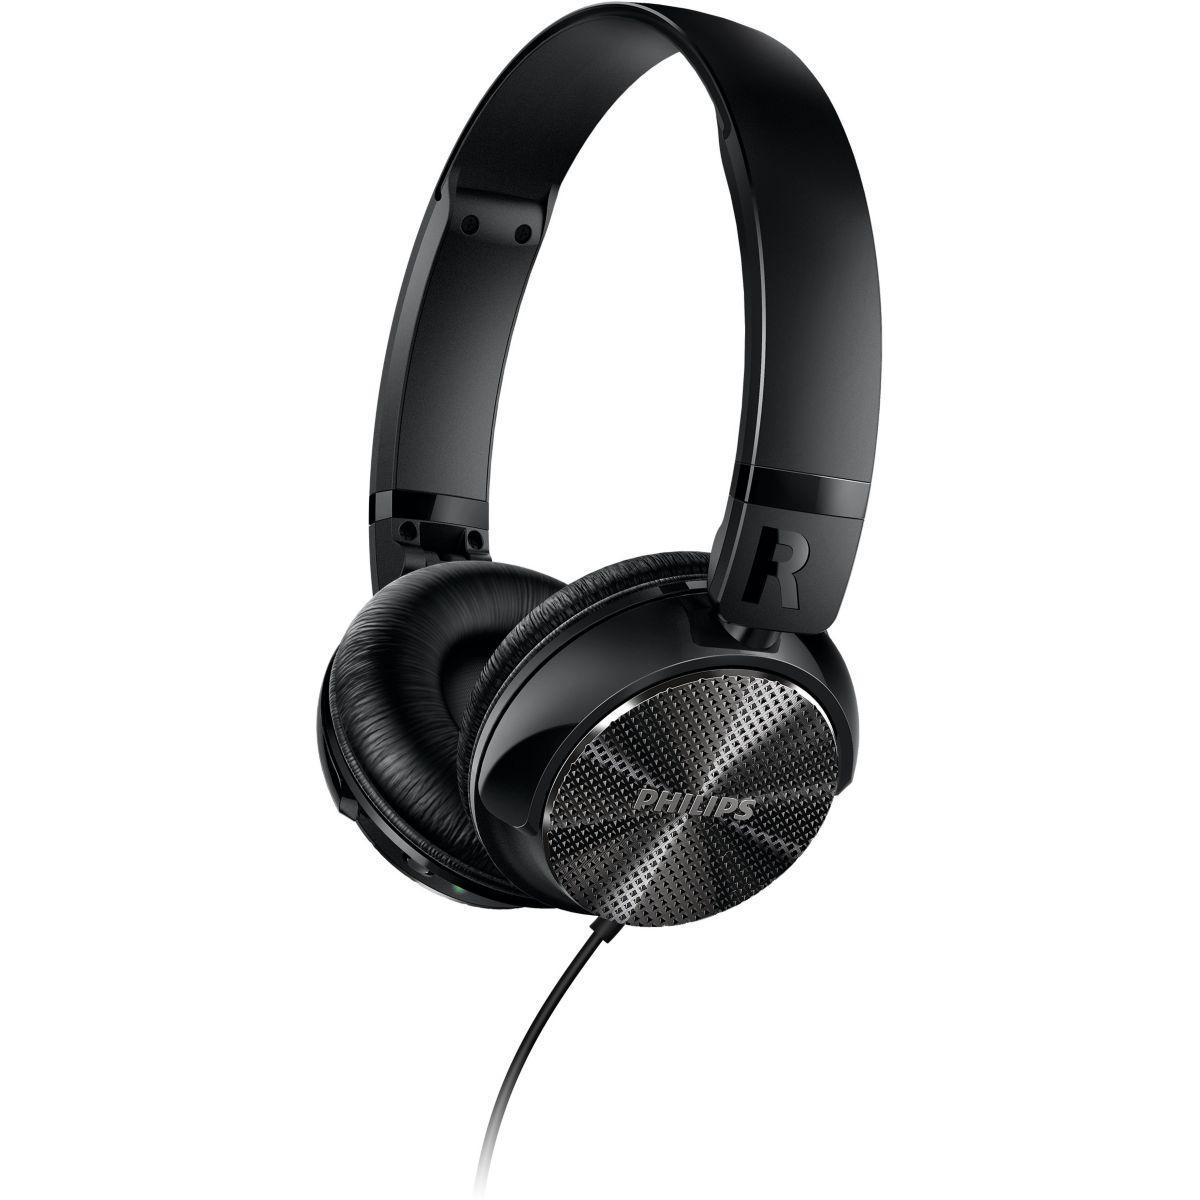 Casque audio circum-auriculaire philips shl38050nc filaire - 20% de remise imm?diate avec le code : wd20